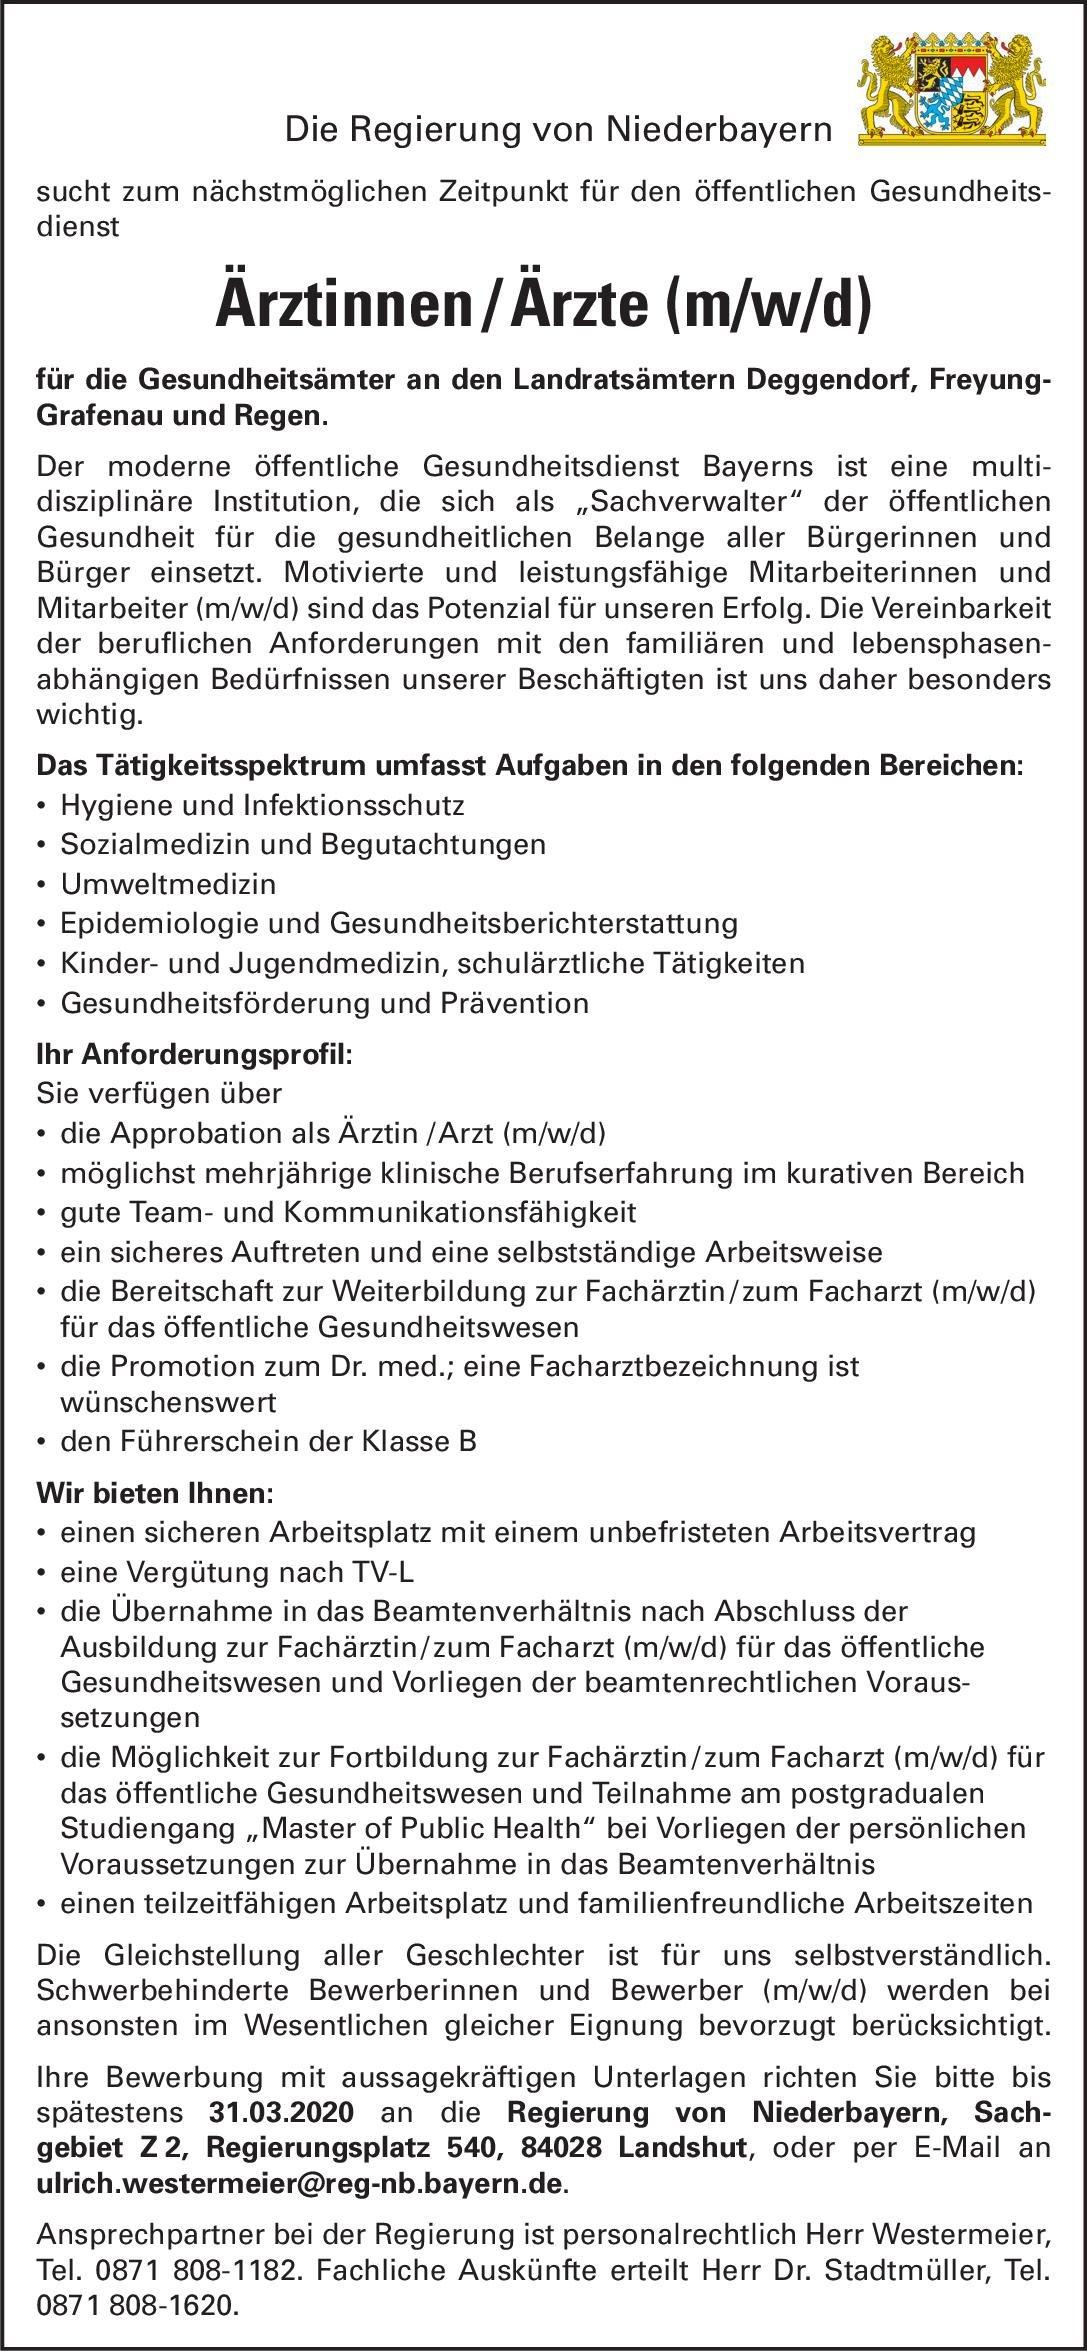 Regierung von Niederbayern Ärztinnen / Ärzte (m/w/d)  Kinder- und Jugendmedizin, * andere Gebiete, Hygiene- und Umweltmedizin Arzt / Facharzt